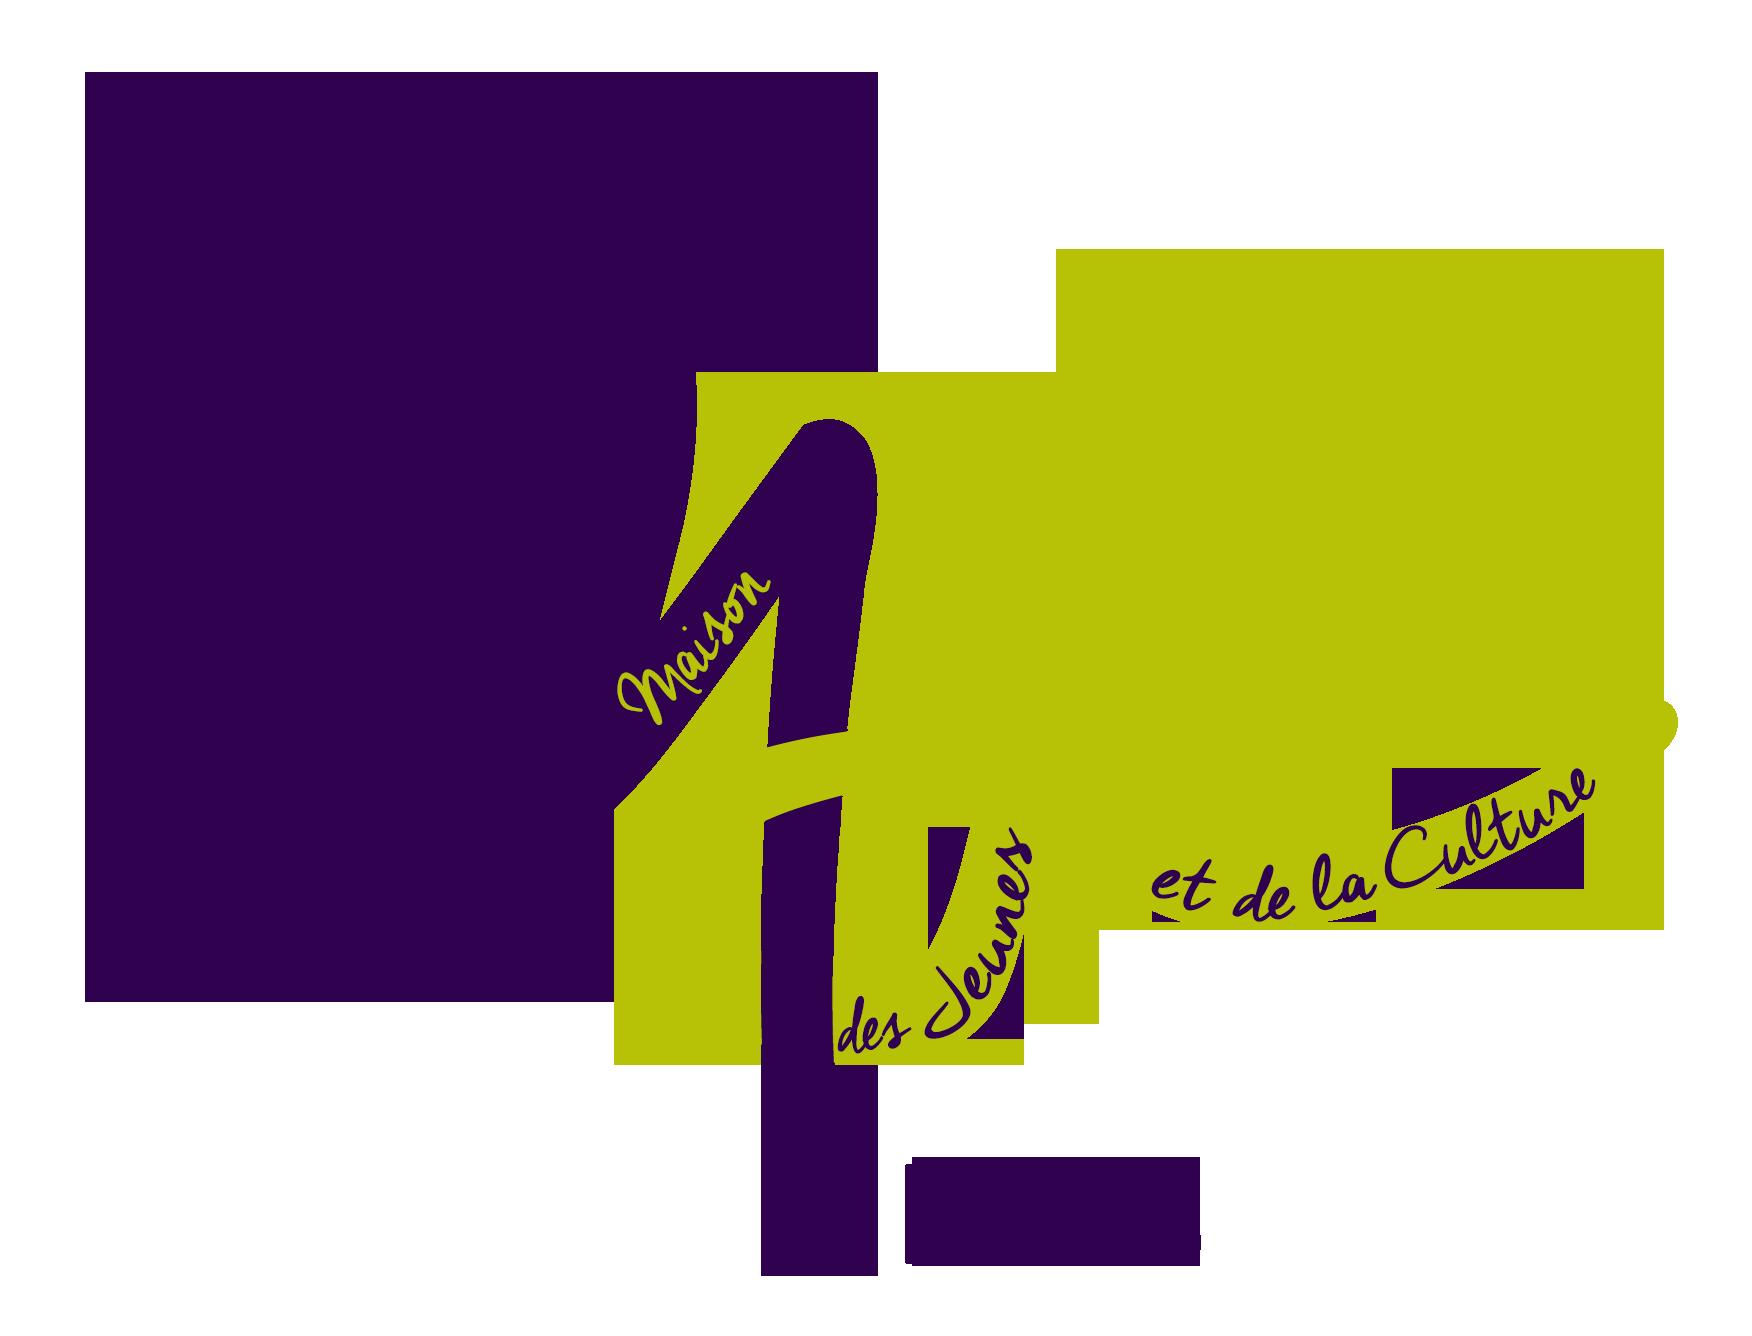 MJC de Flers